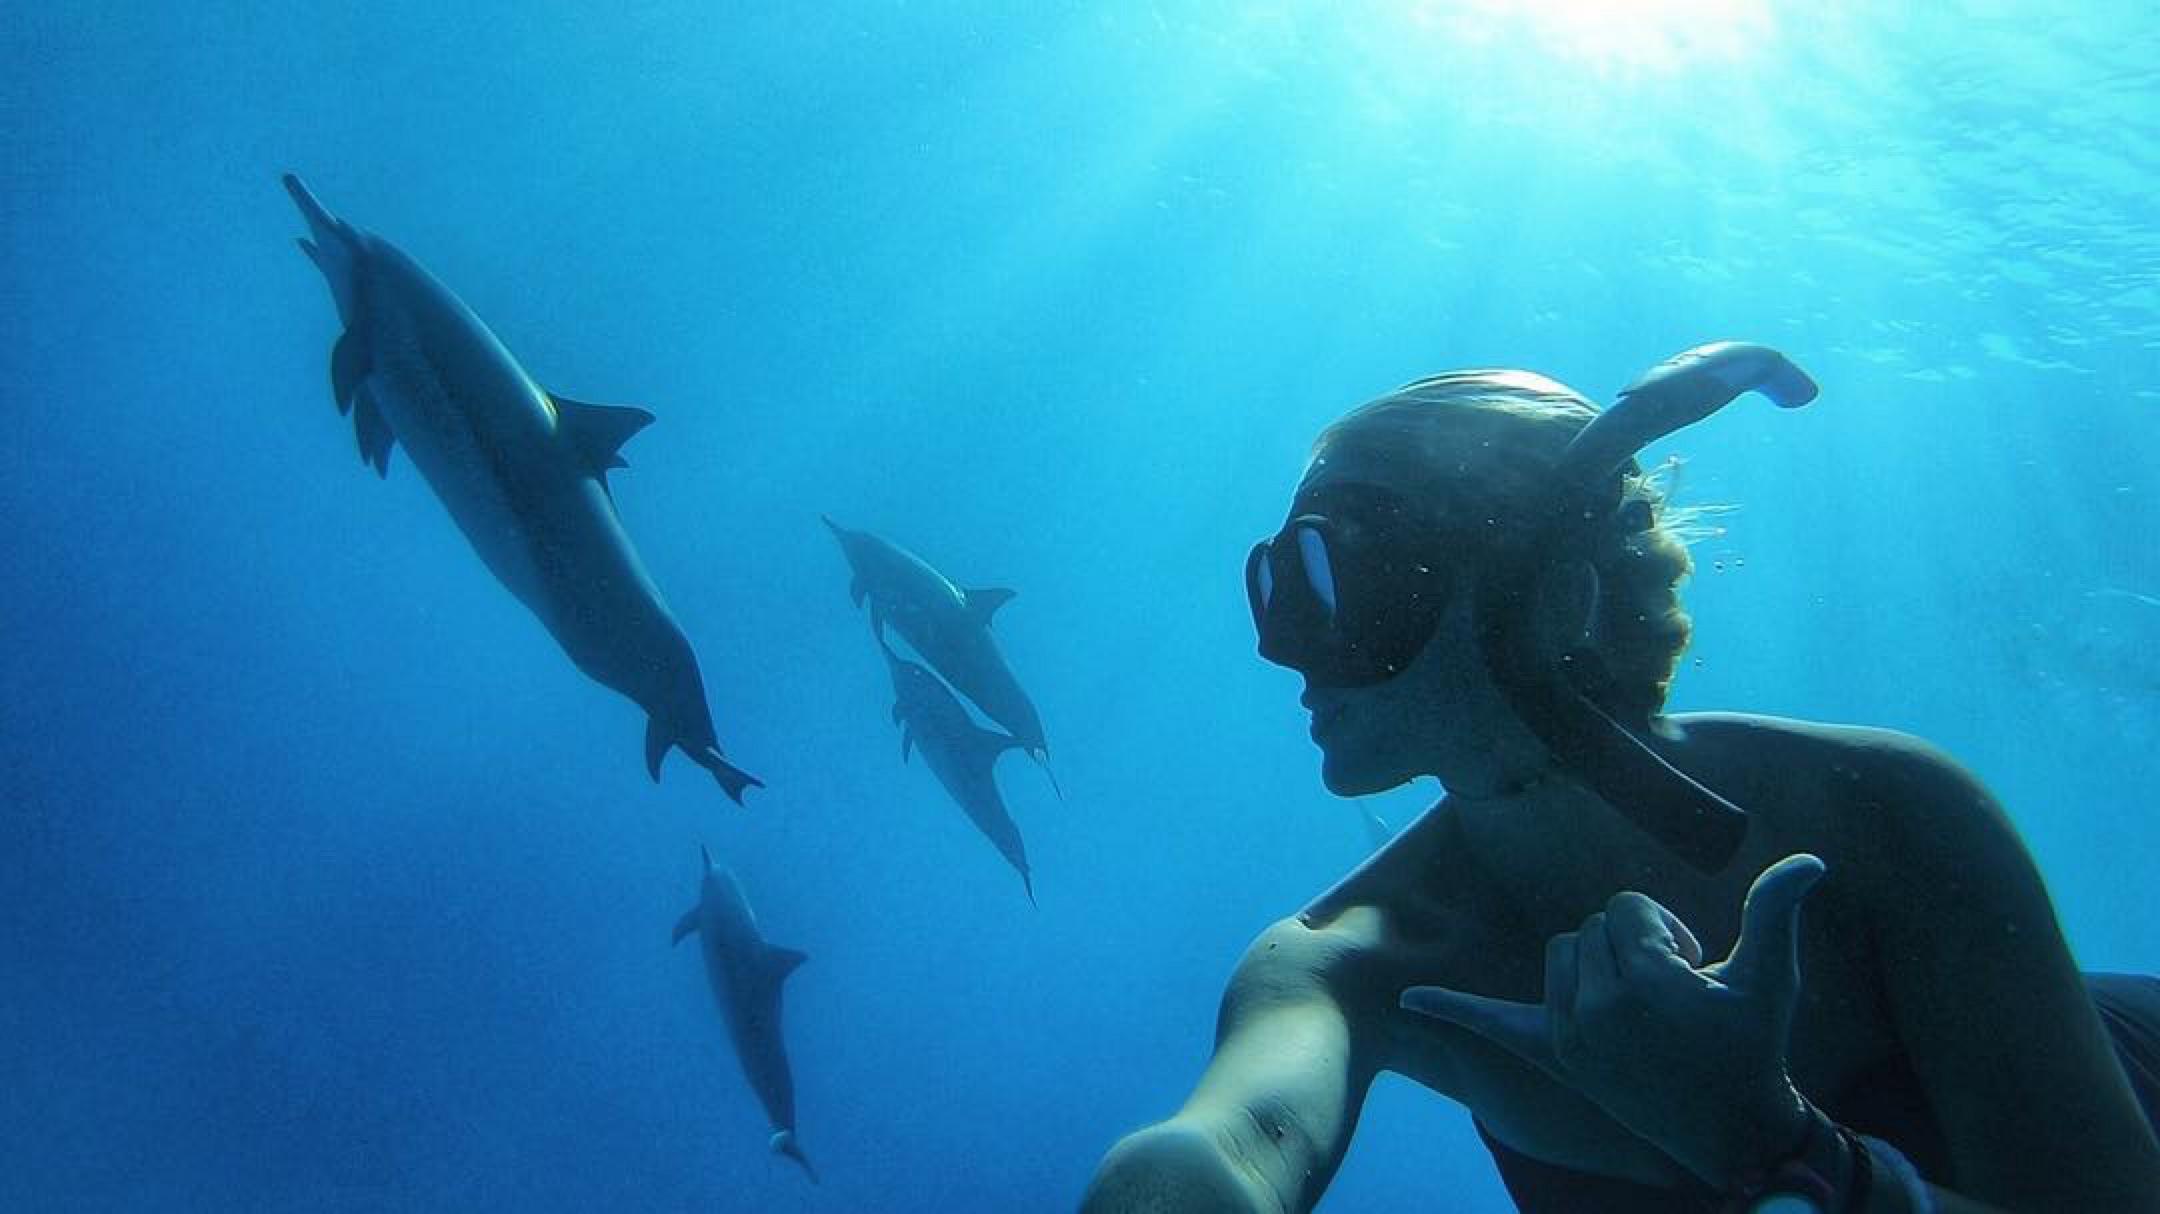 Dolphin Selfie in Kealakekua Bay by Danielle Smith